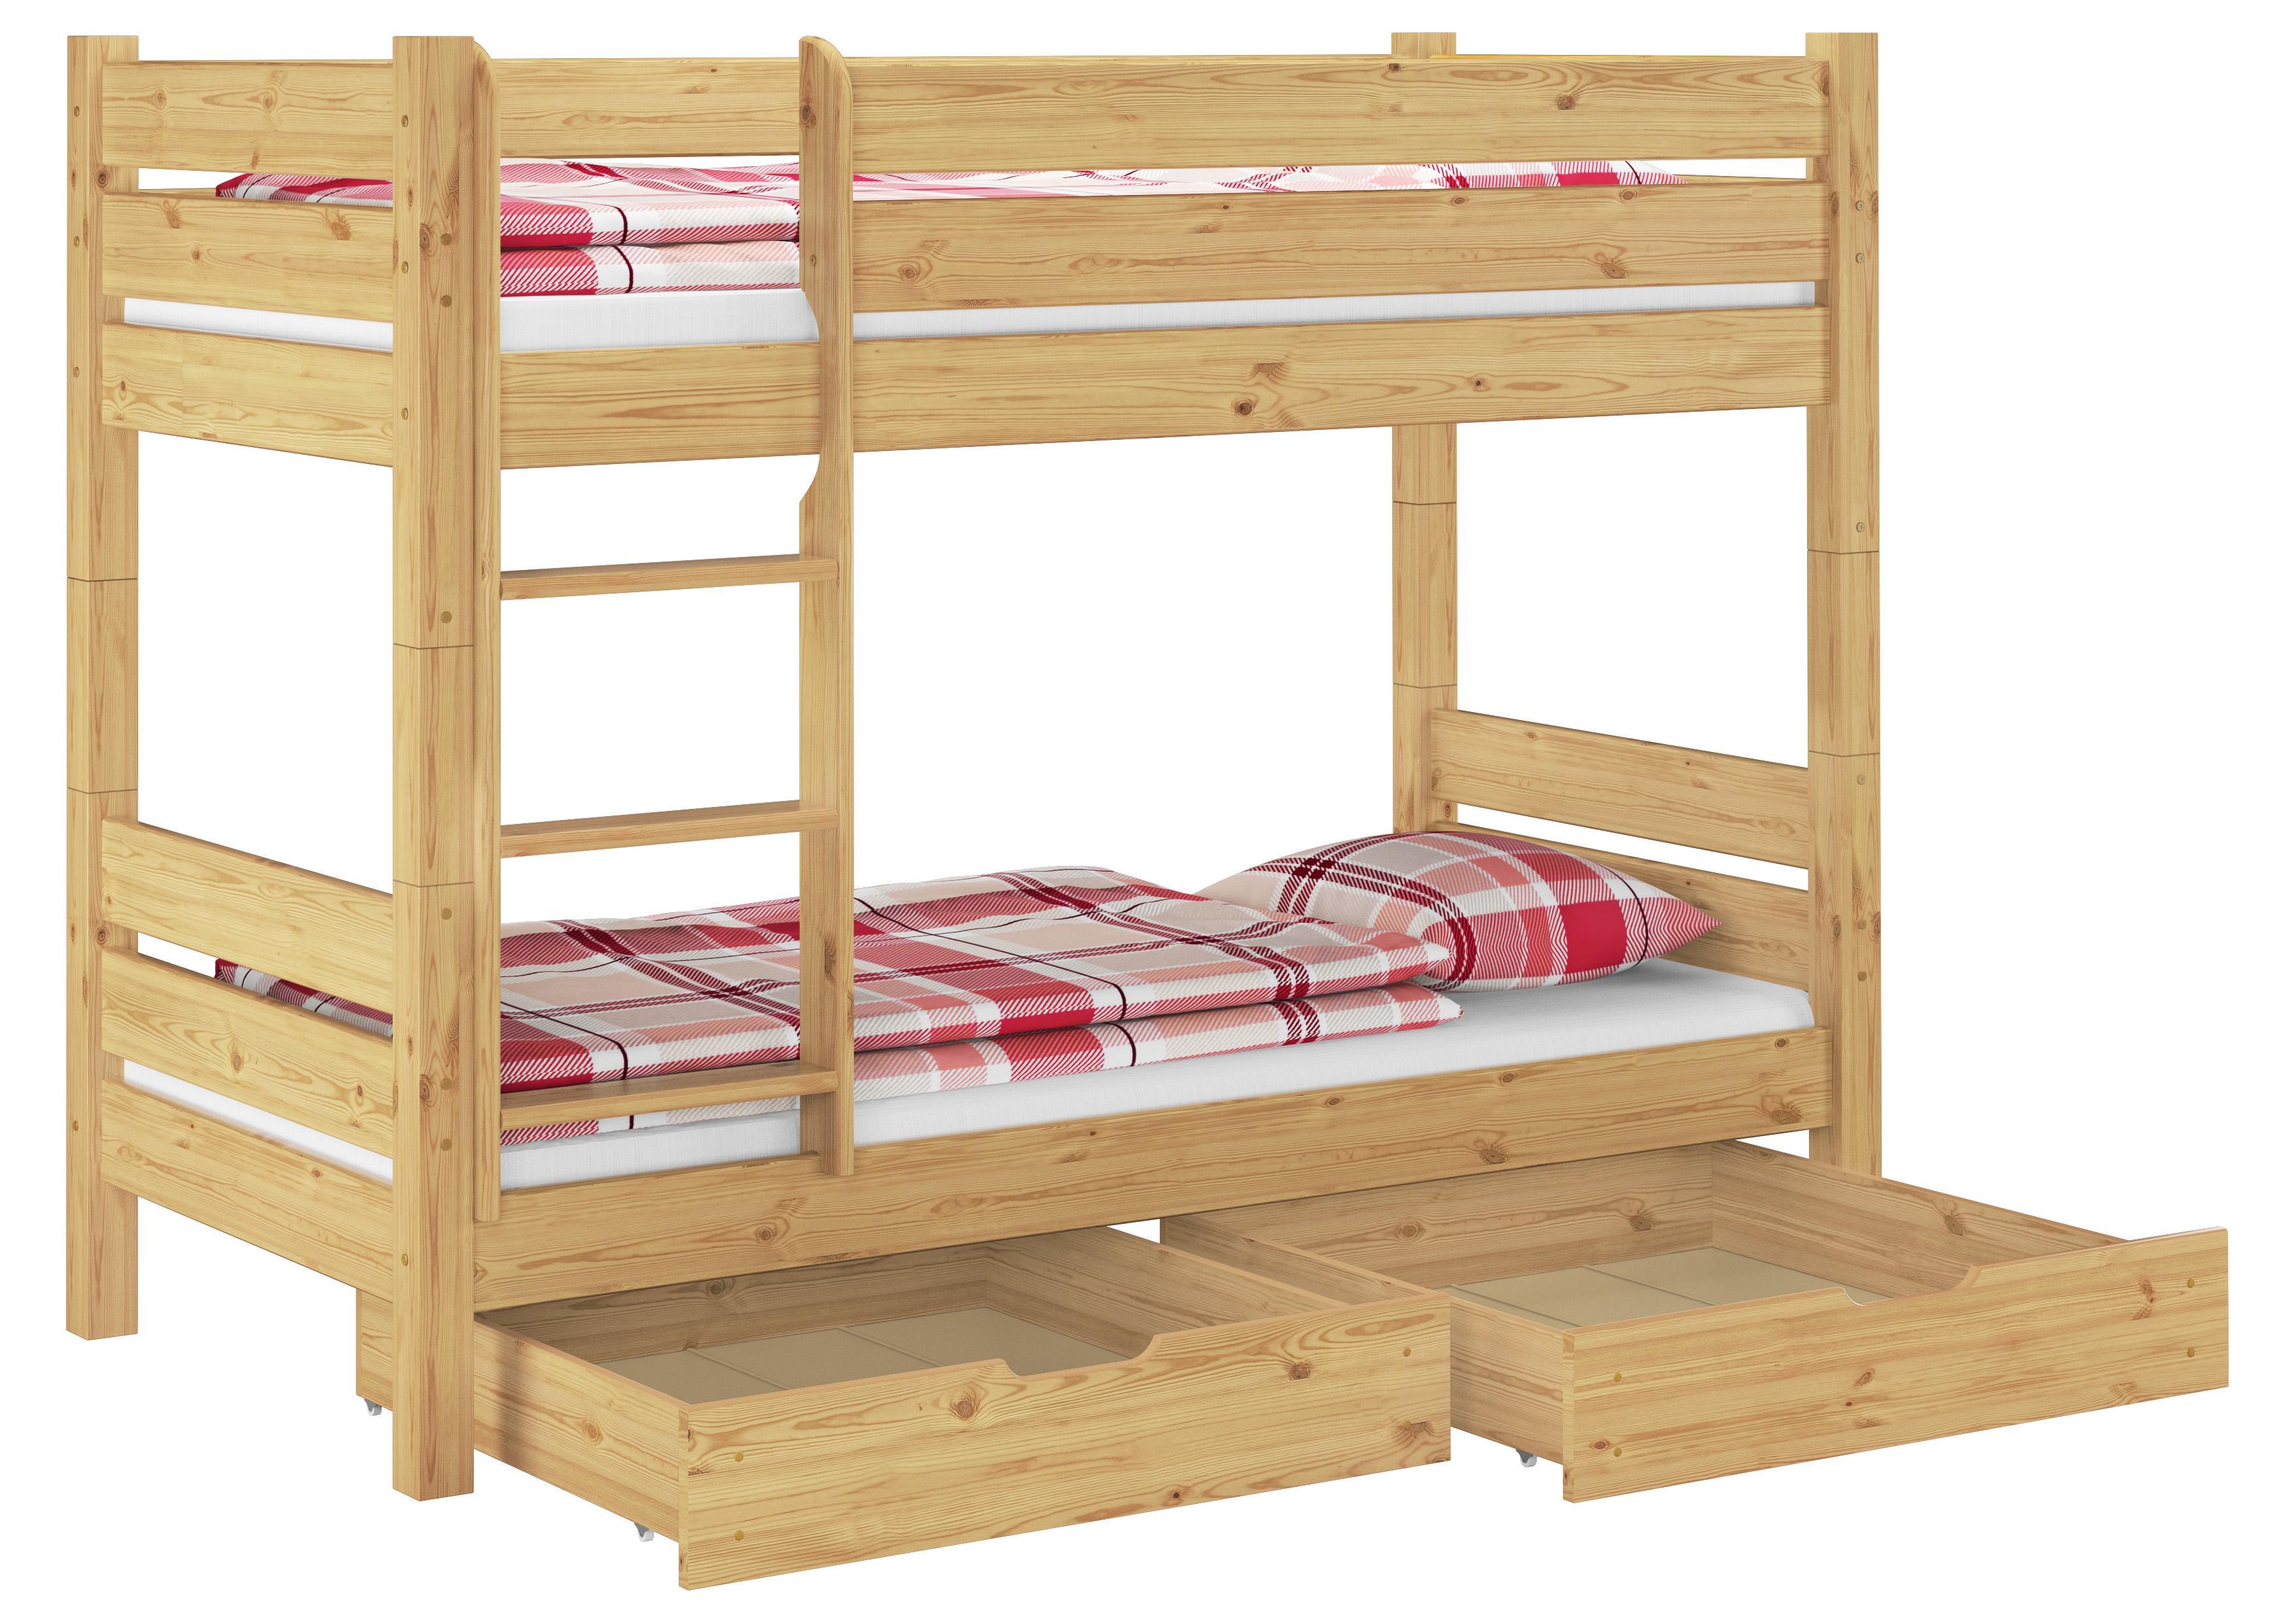 Stabiles Etagenbett Für Erwachsene : Erst holz etagenbett für erwachsene kiefer hochbett